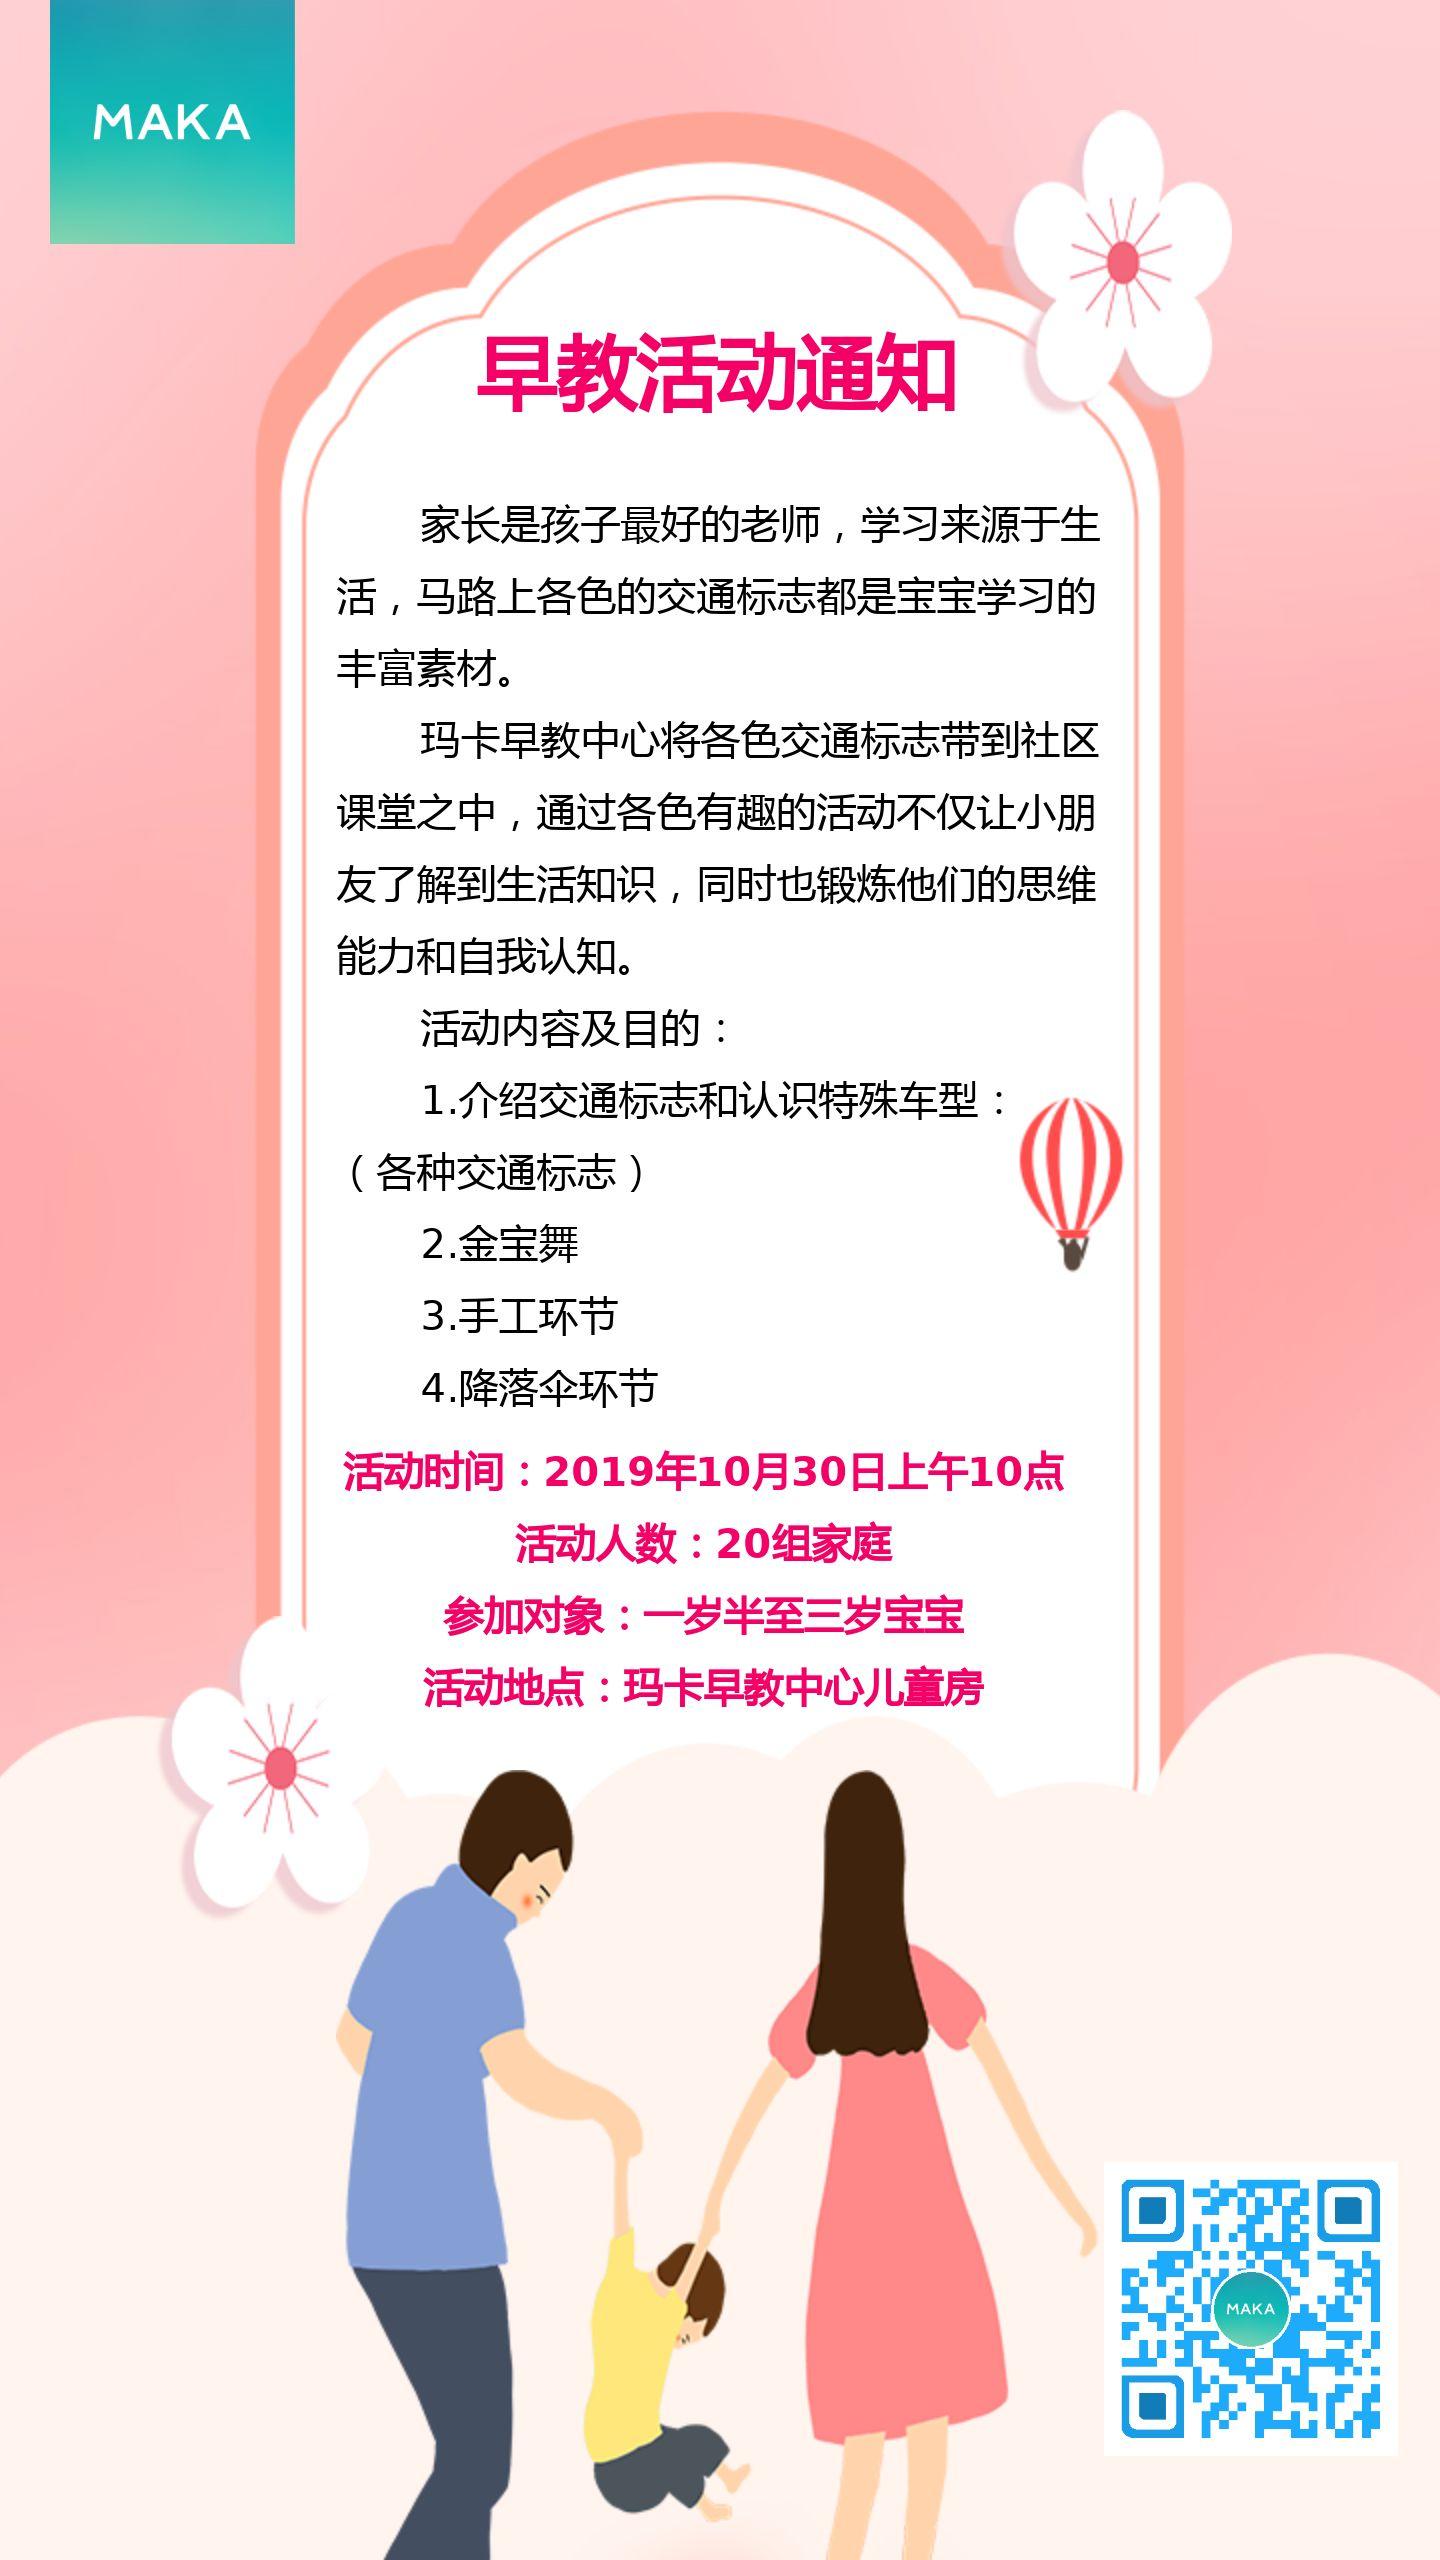 粉色色温馨卡通插画风早教亲子活动邀请教育培训宣传海报